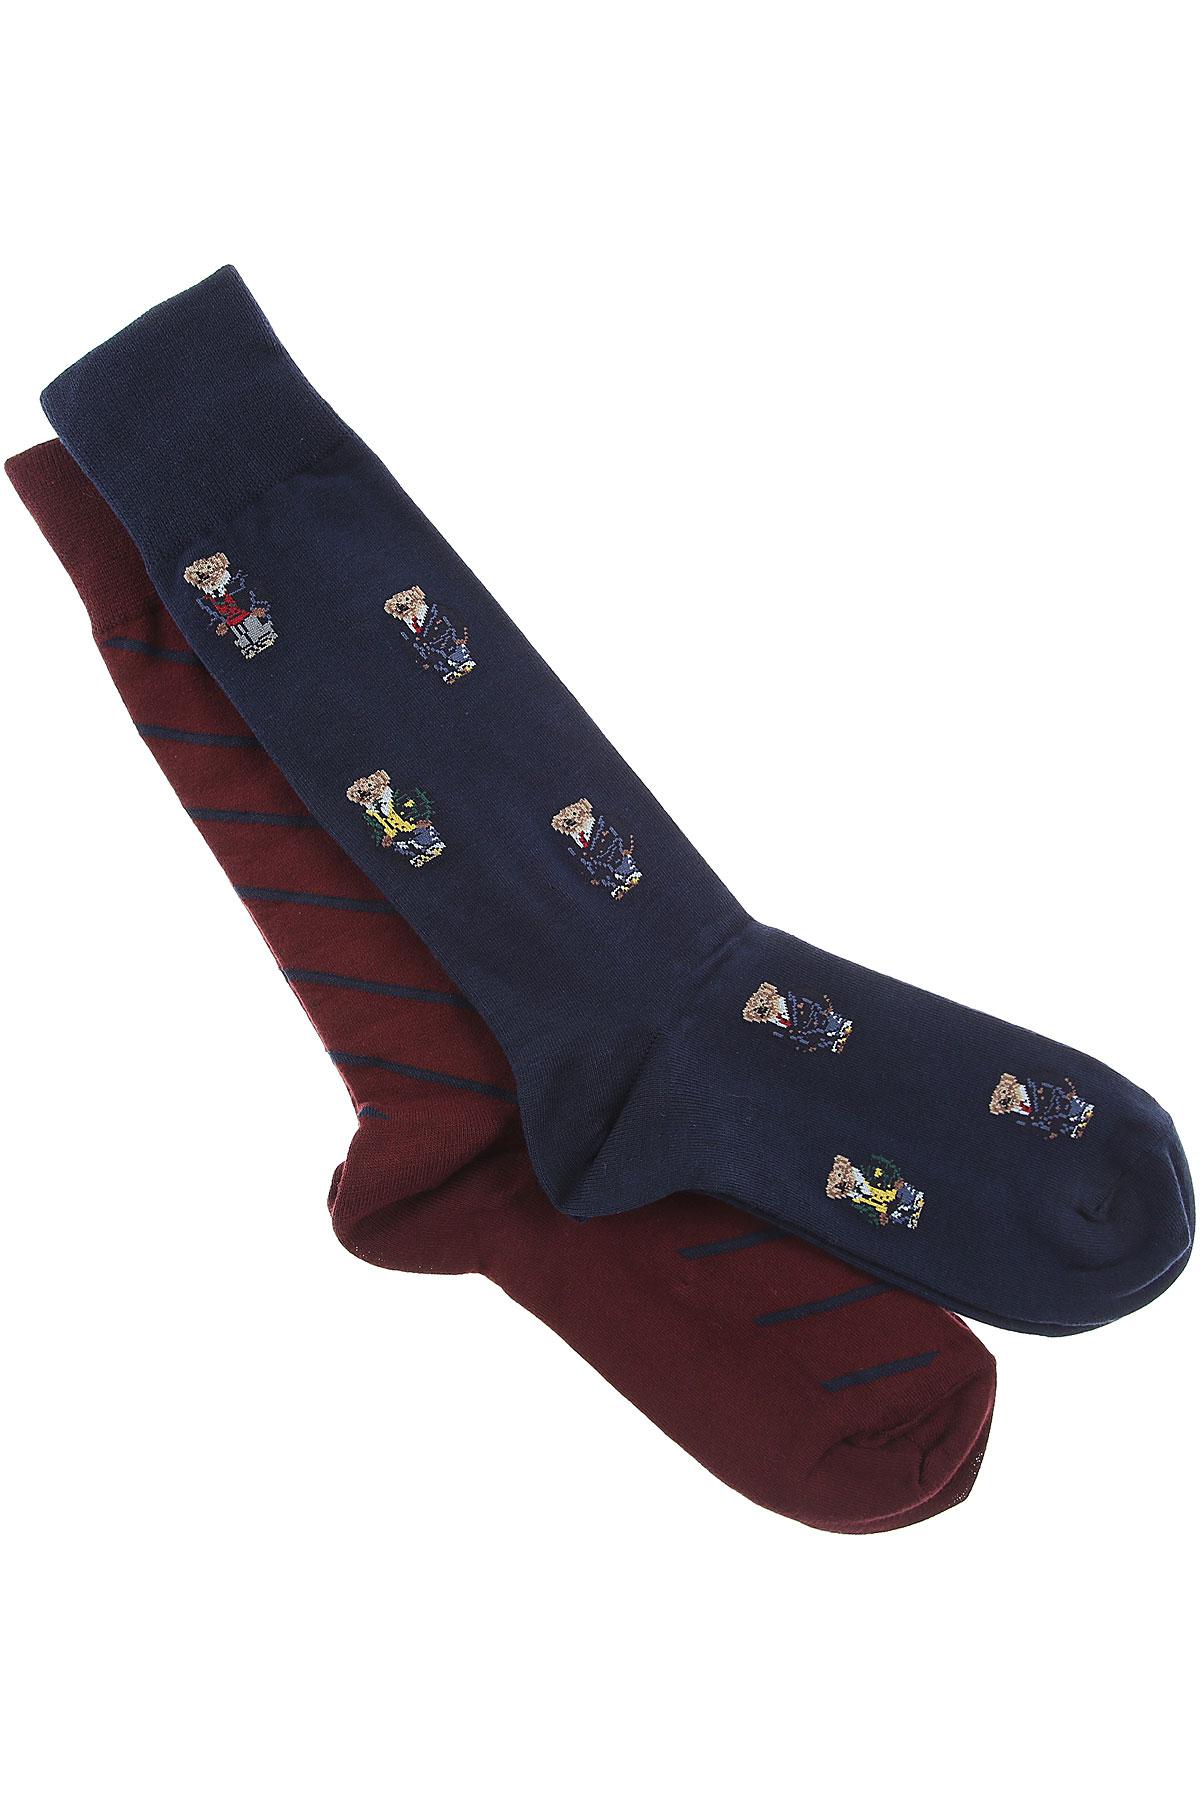 Image of Ralph Lauren Socks Socks for Men, 2 Pack, Dark Bordeaux, Cotton, 2017